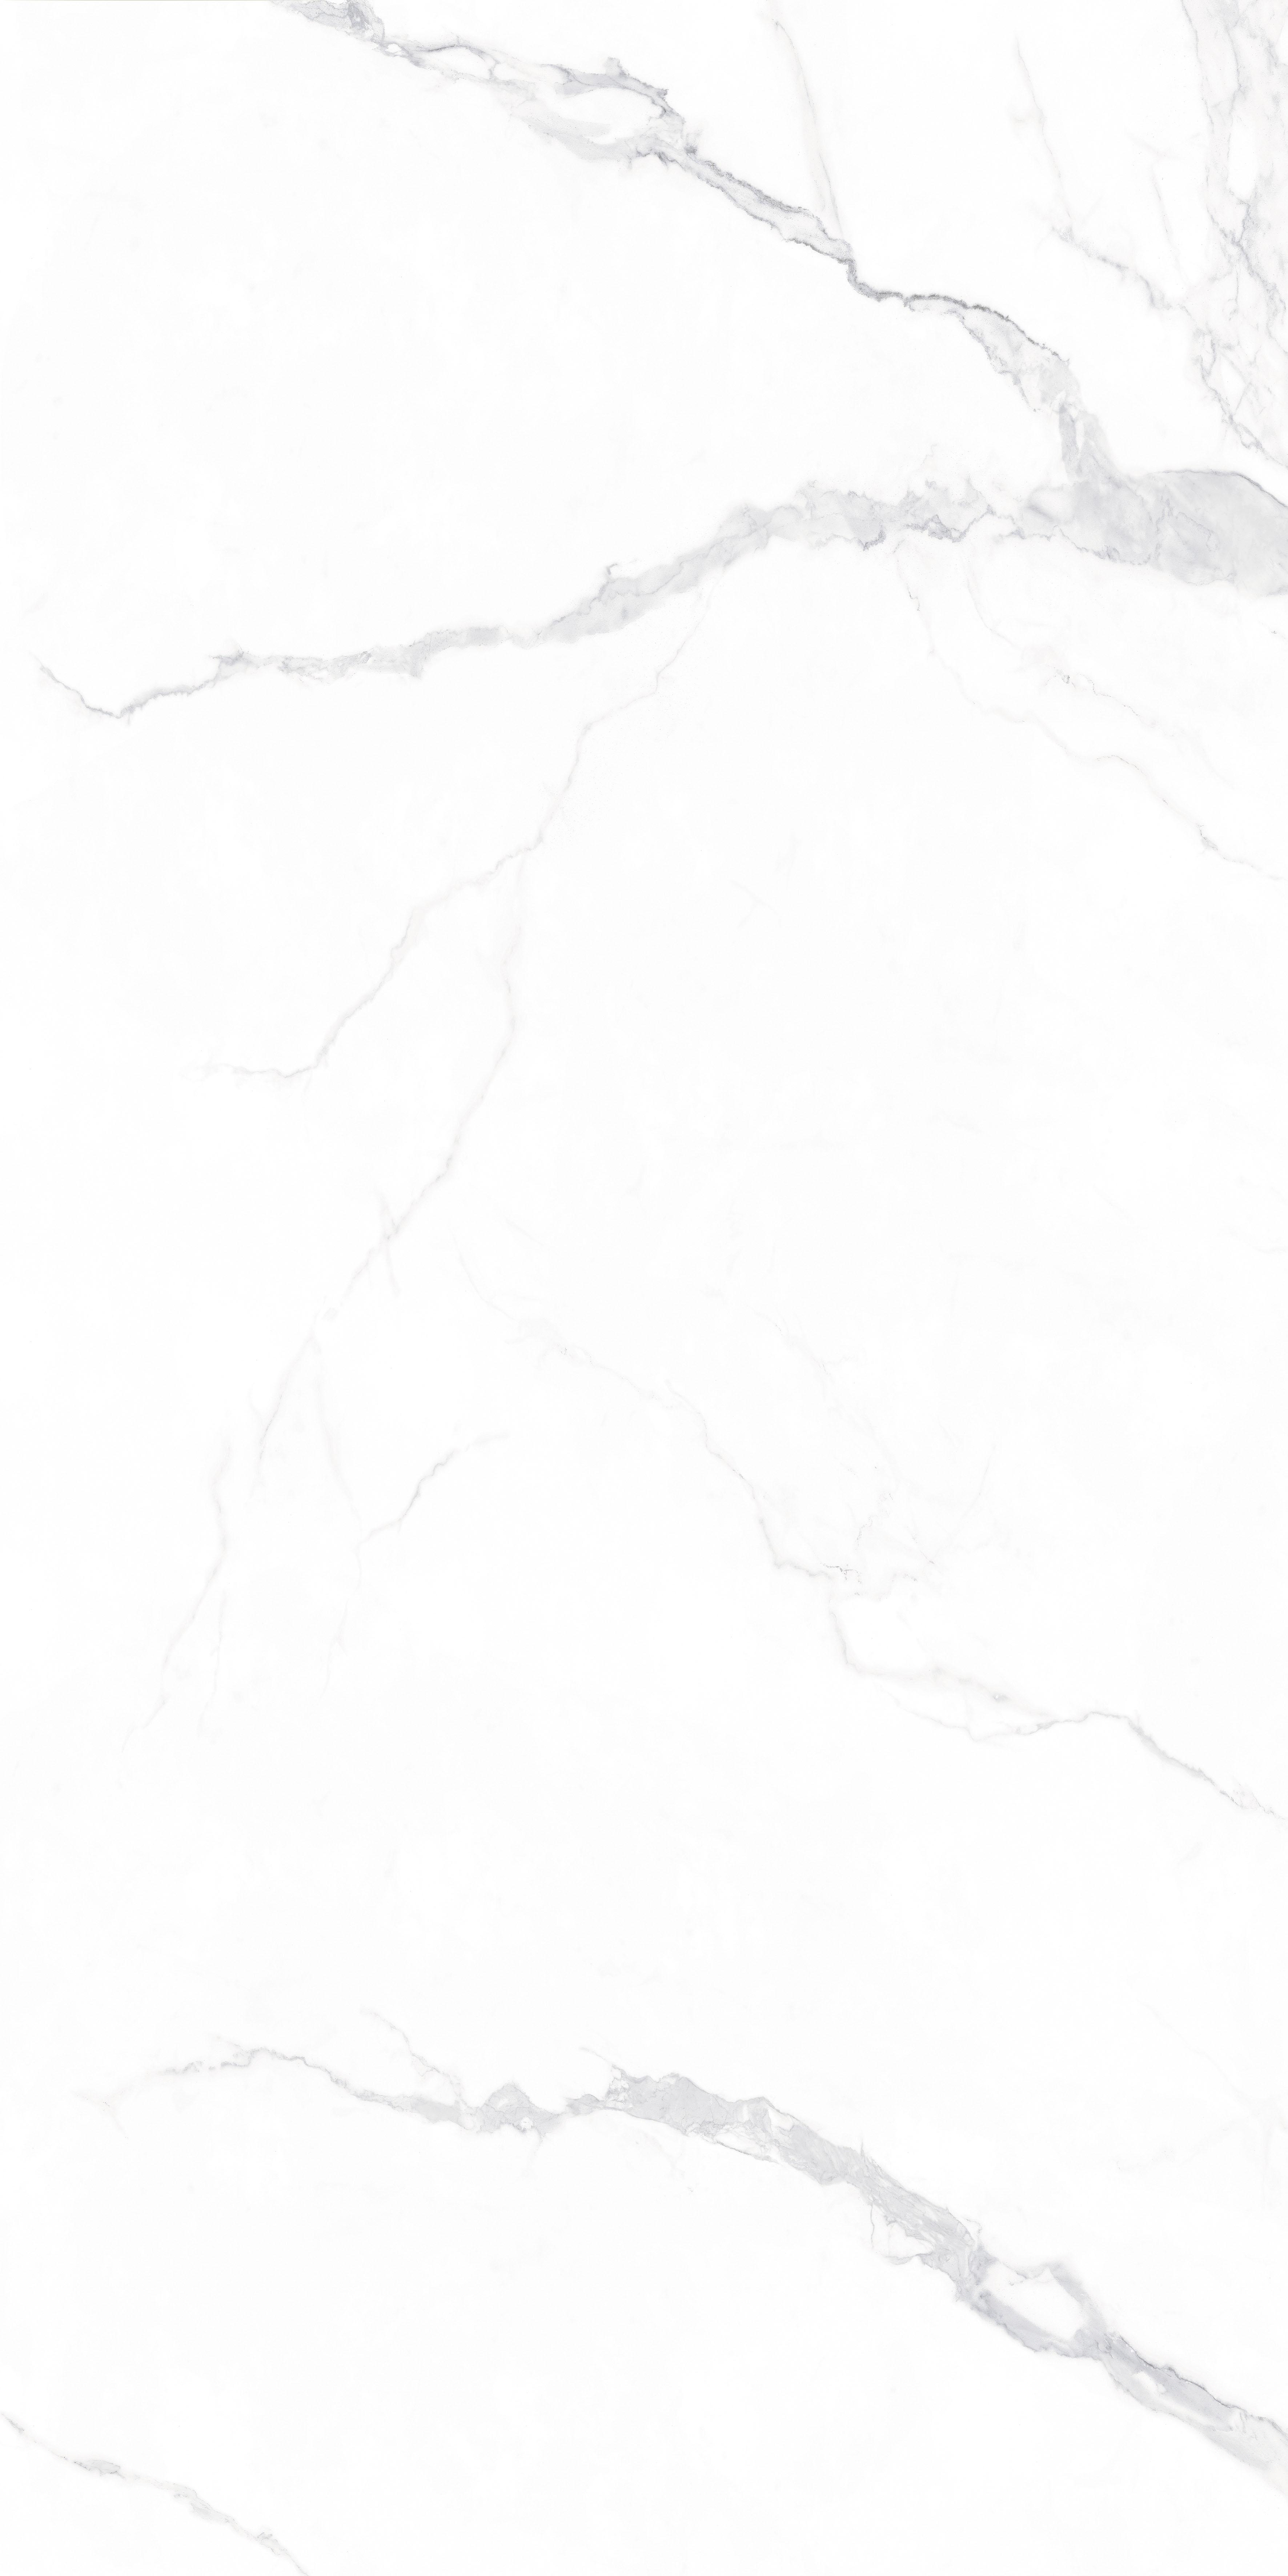 HQ91649PA